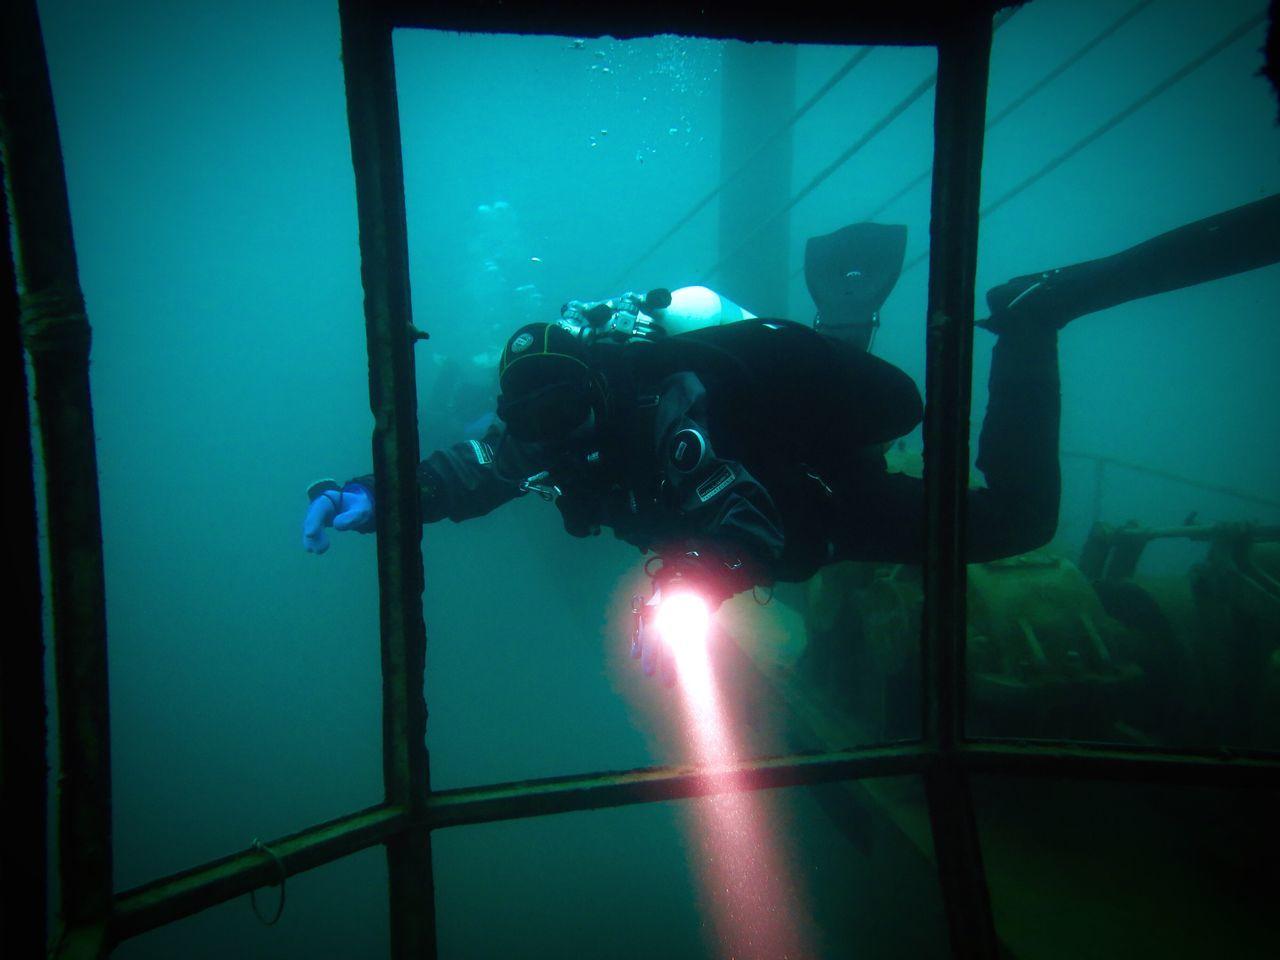 Person Scuba Diving In Aquarium